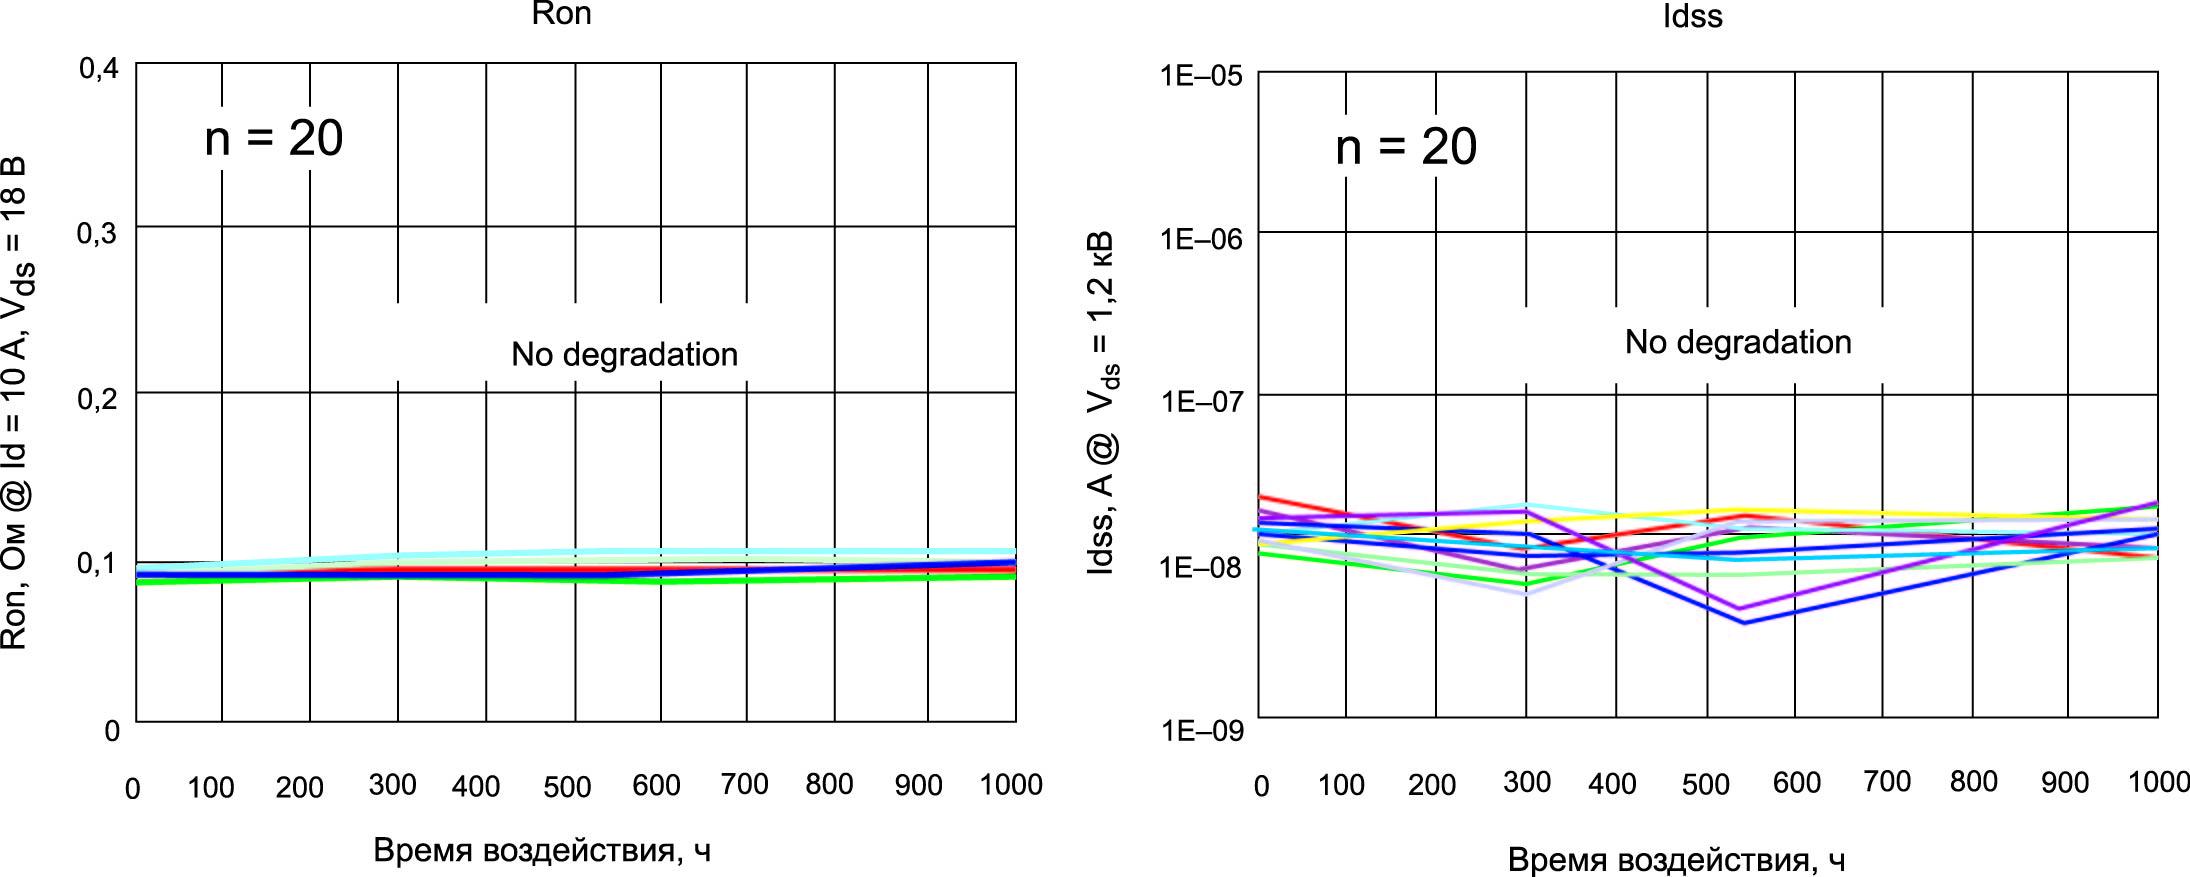 Тест на проводимость внутреннего диода